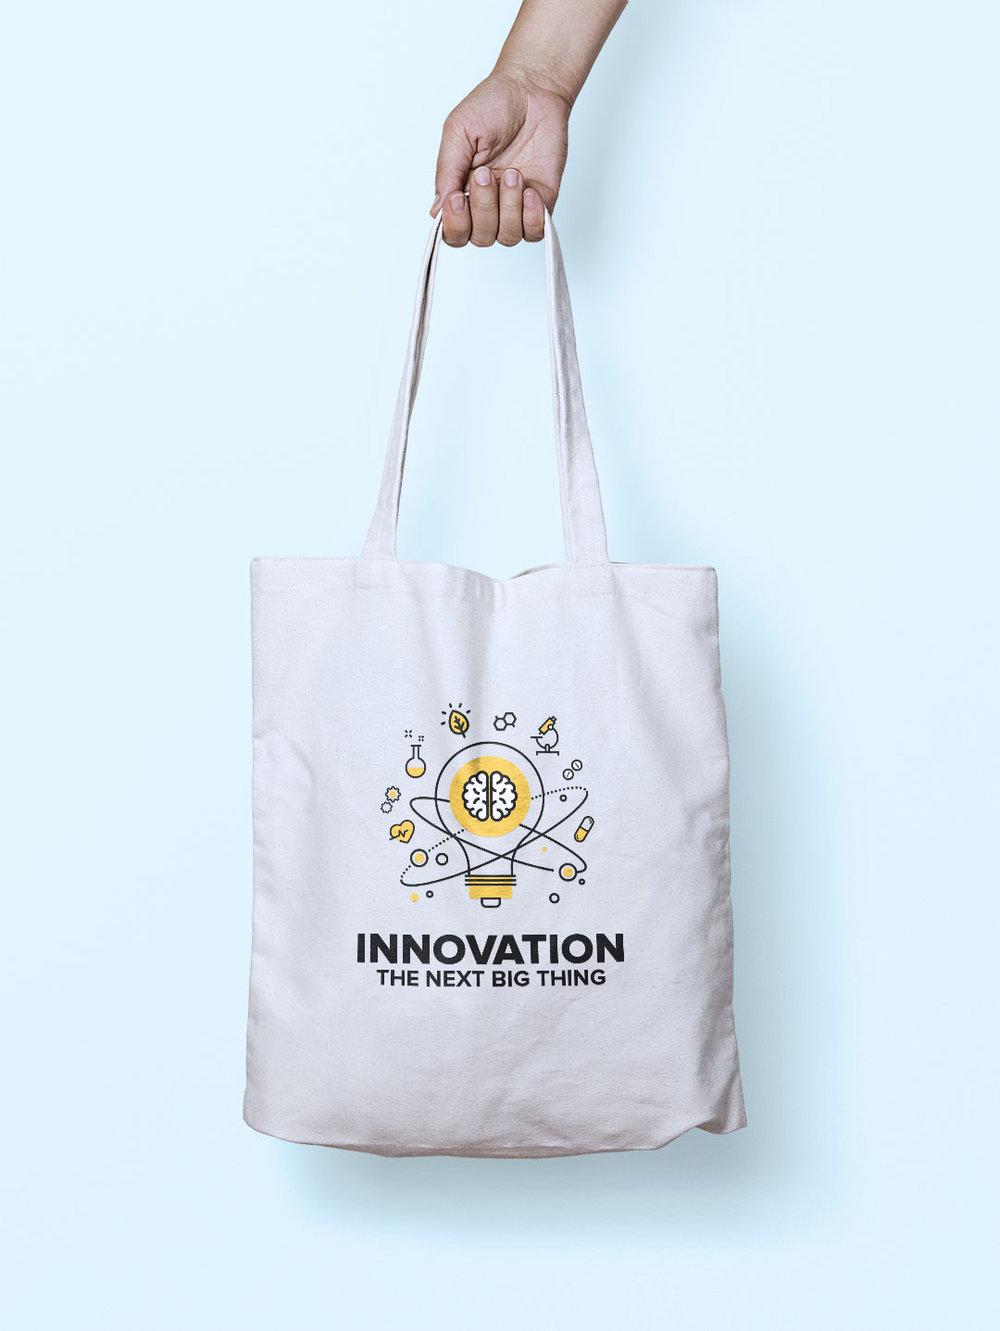 Event Branding Design Manly - Tote bag design